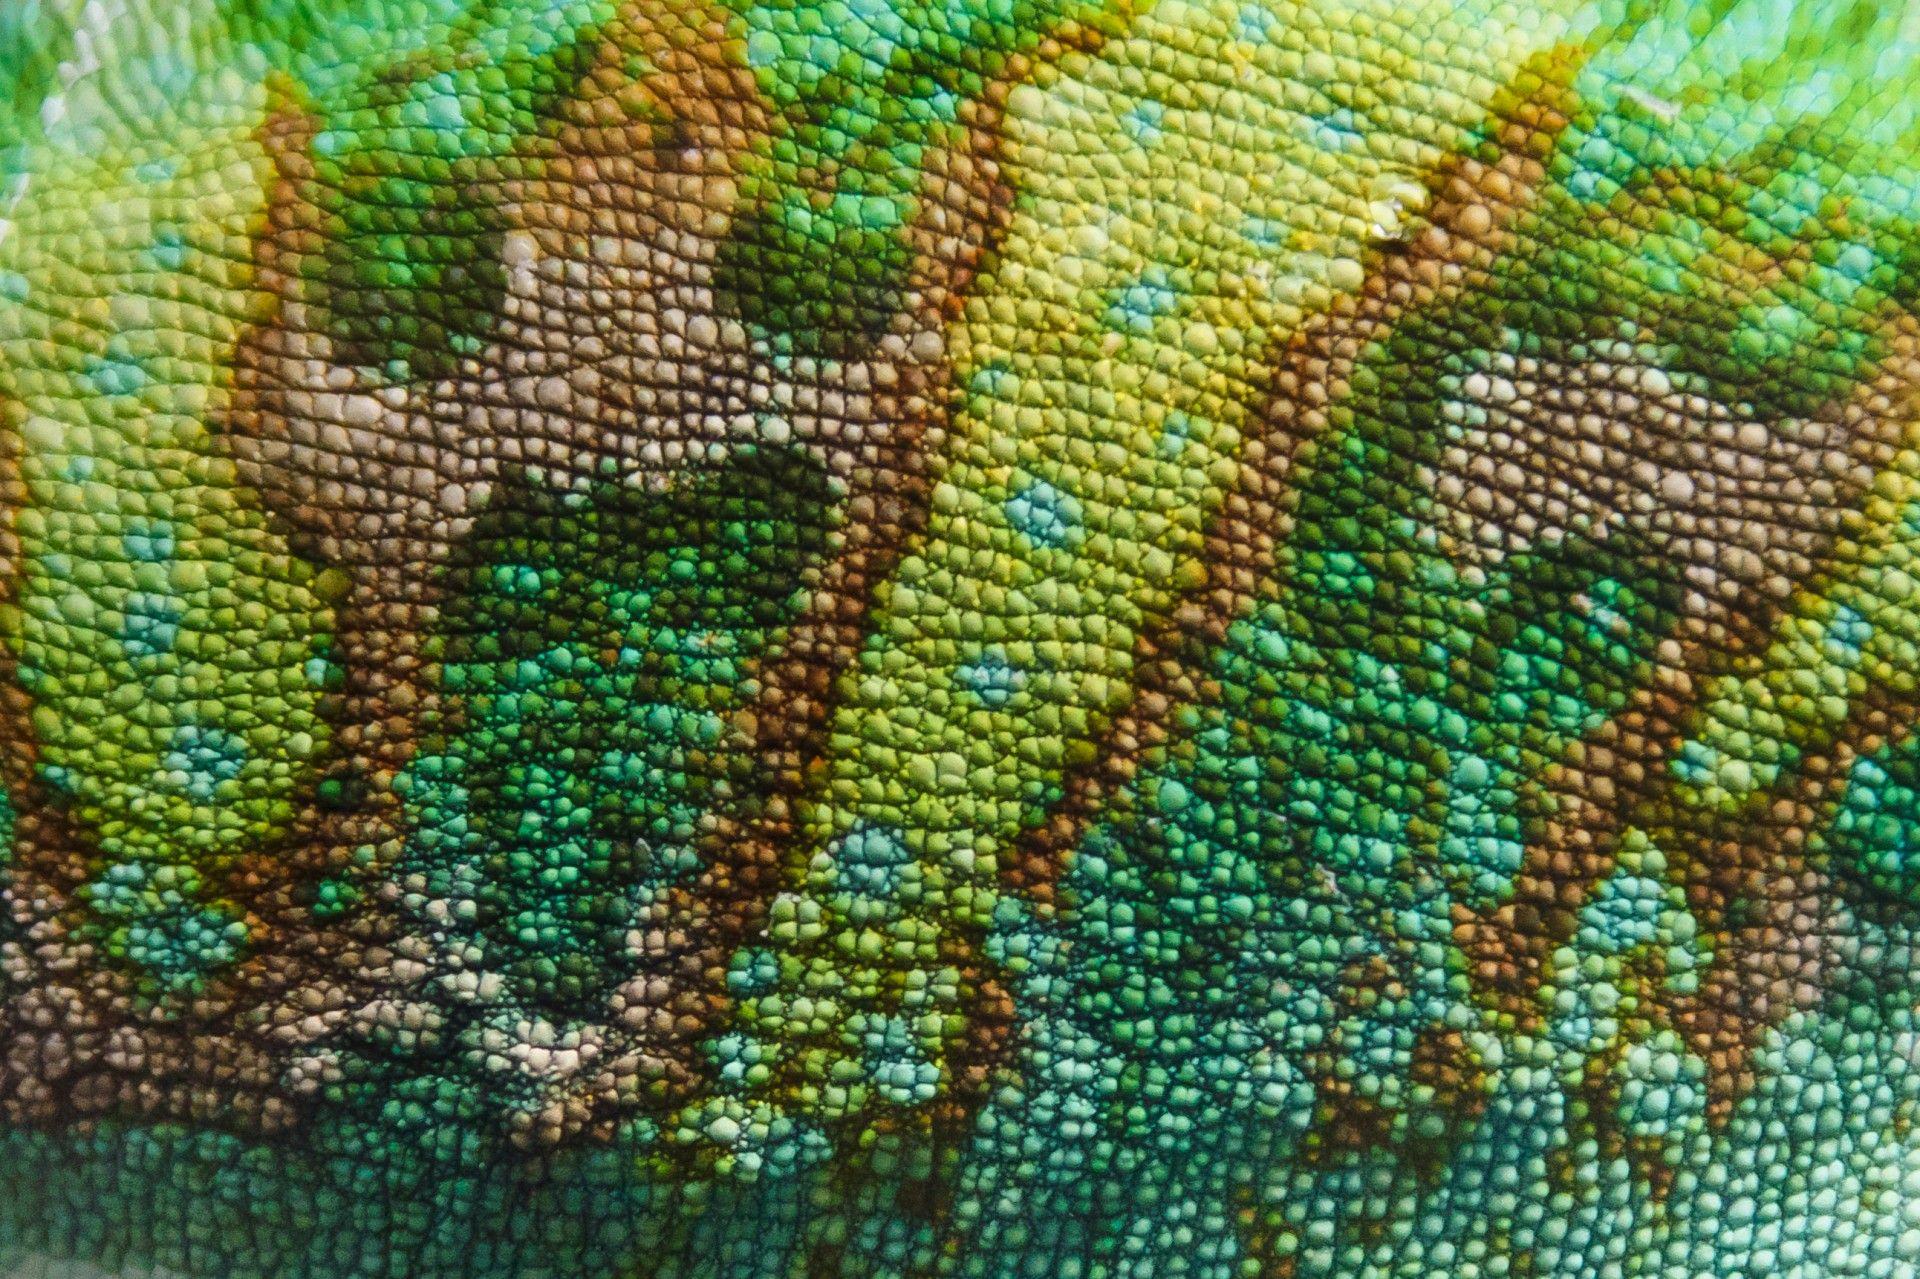 chameleon skin texture free stock photo  skin textures